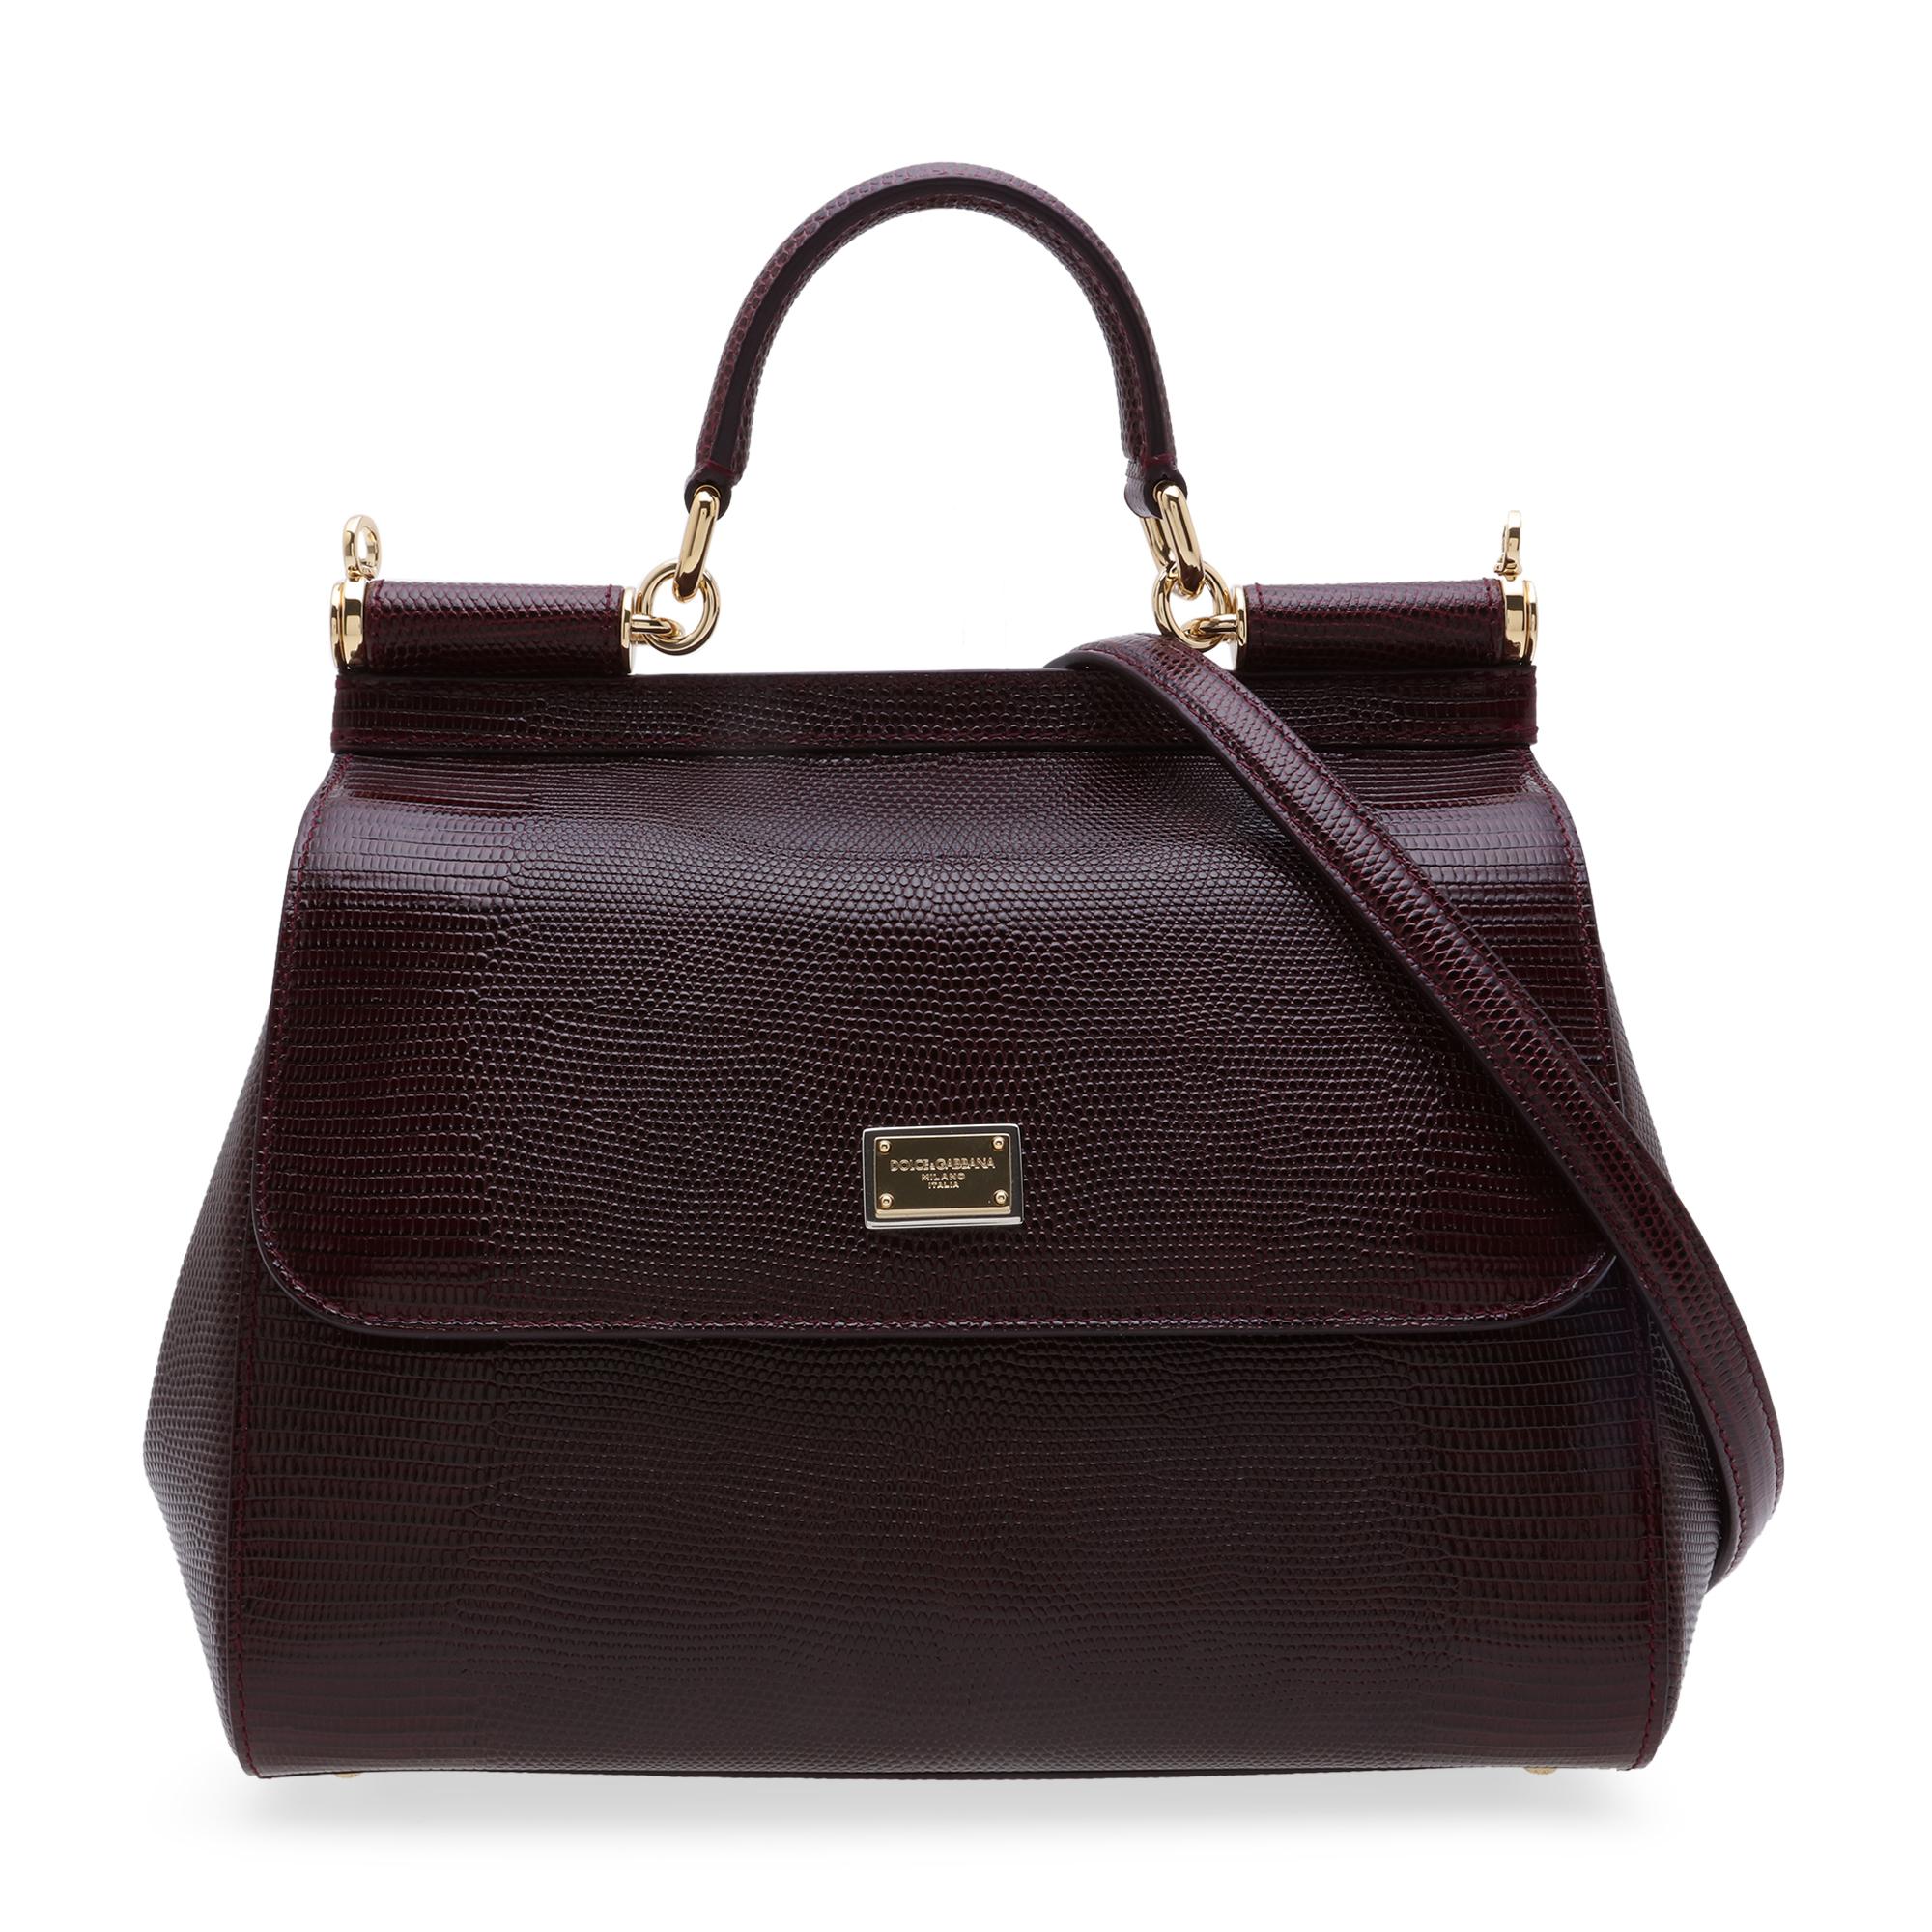 Sicily handbag